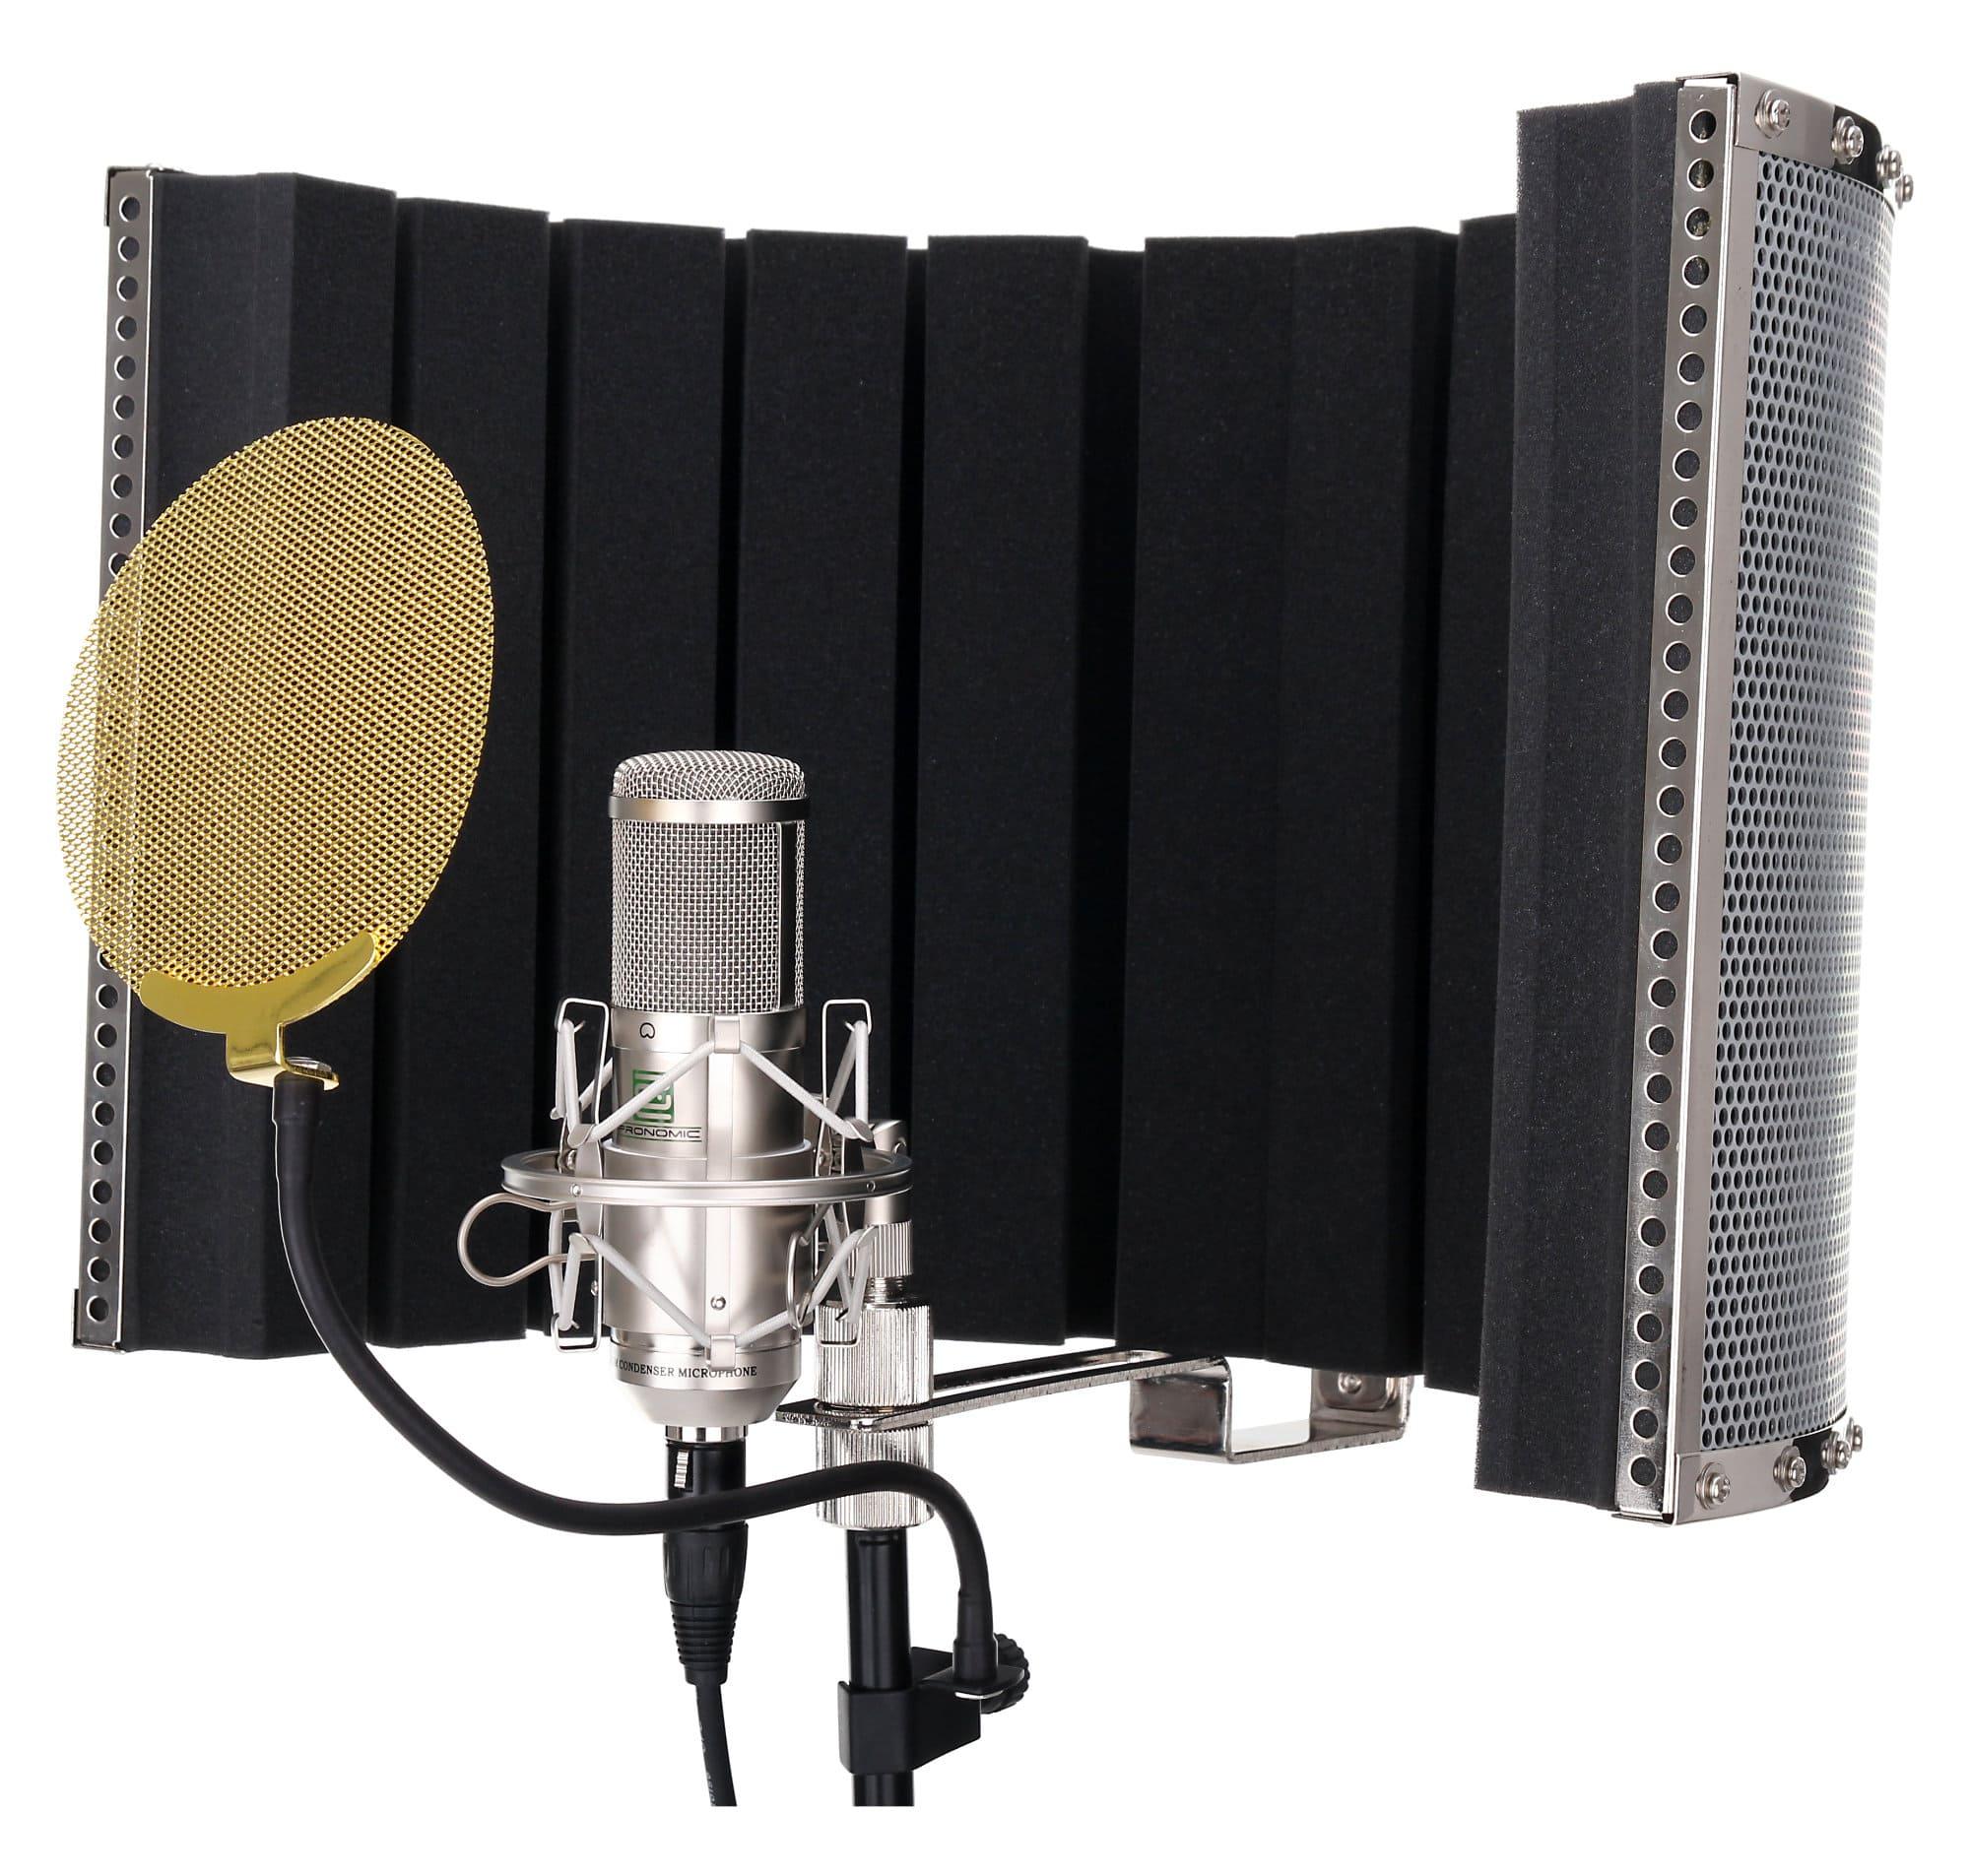 Pronomic Cm 100s Large Membrane Microphone Complete Set